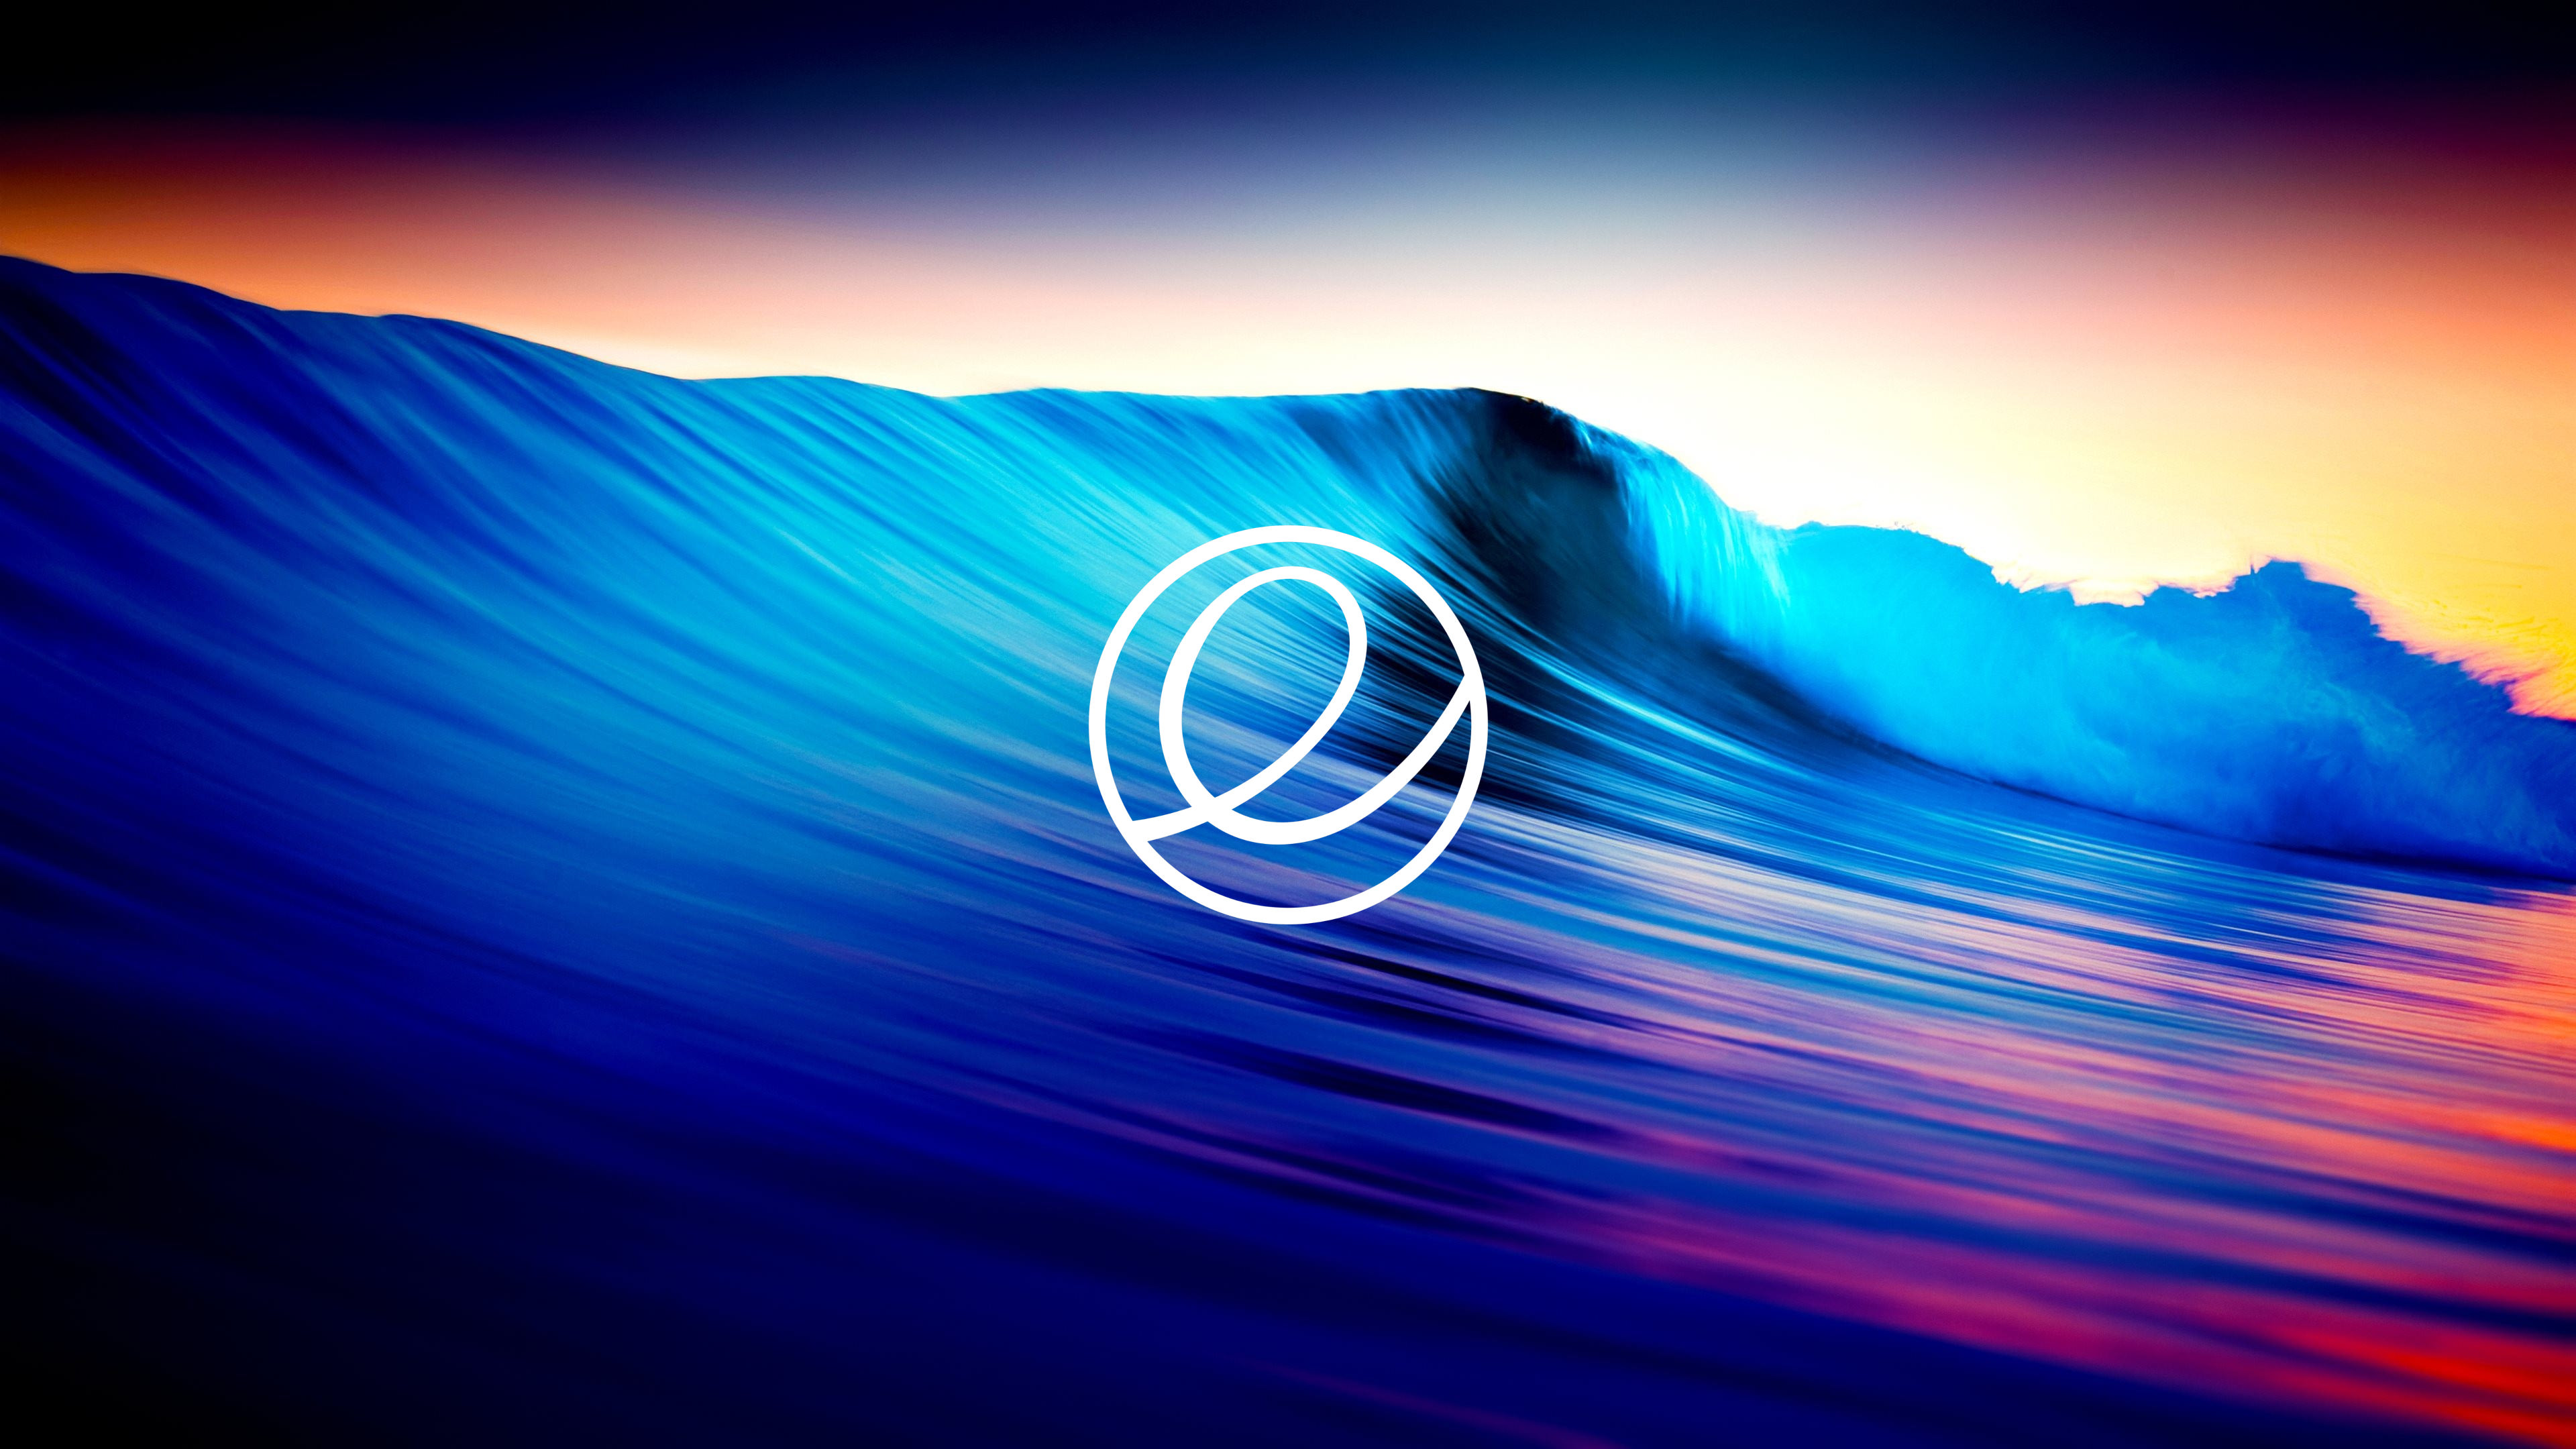 Easy Elementary Os Logo Put On Ocean Wallpaper 4k Made